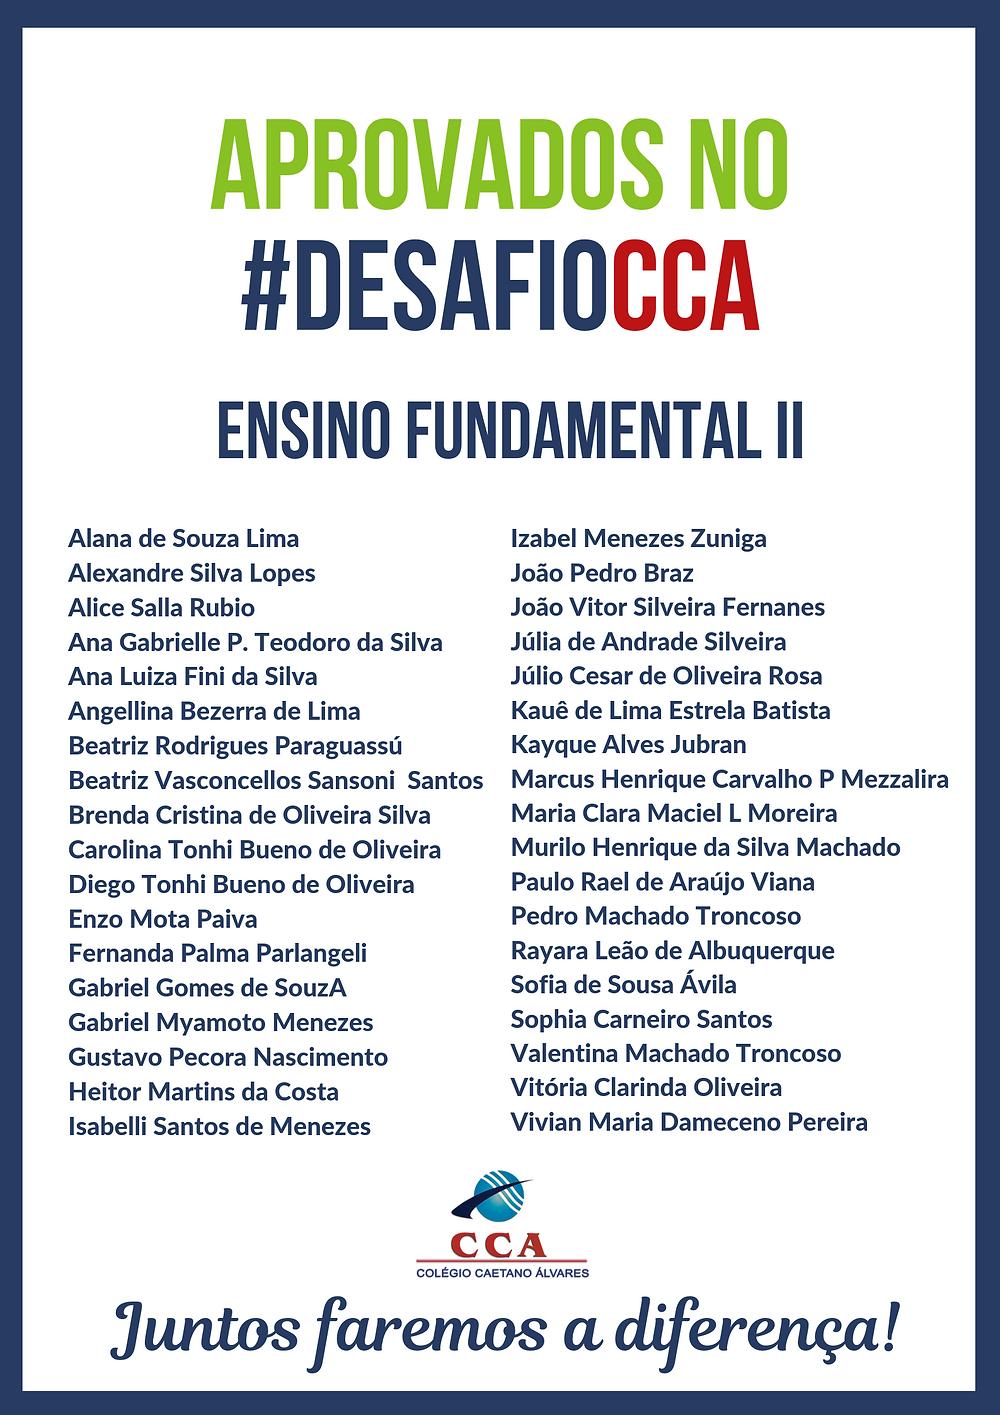 Aprovados #DesafioCCA Ensino Fundamental